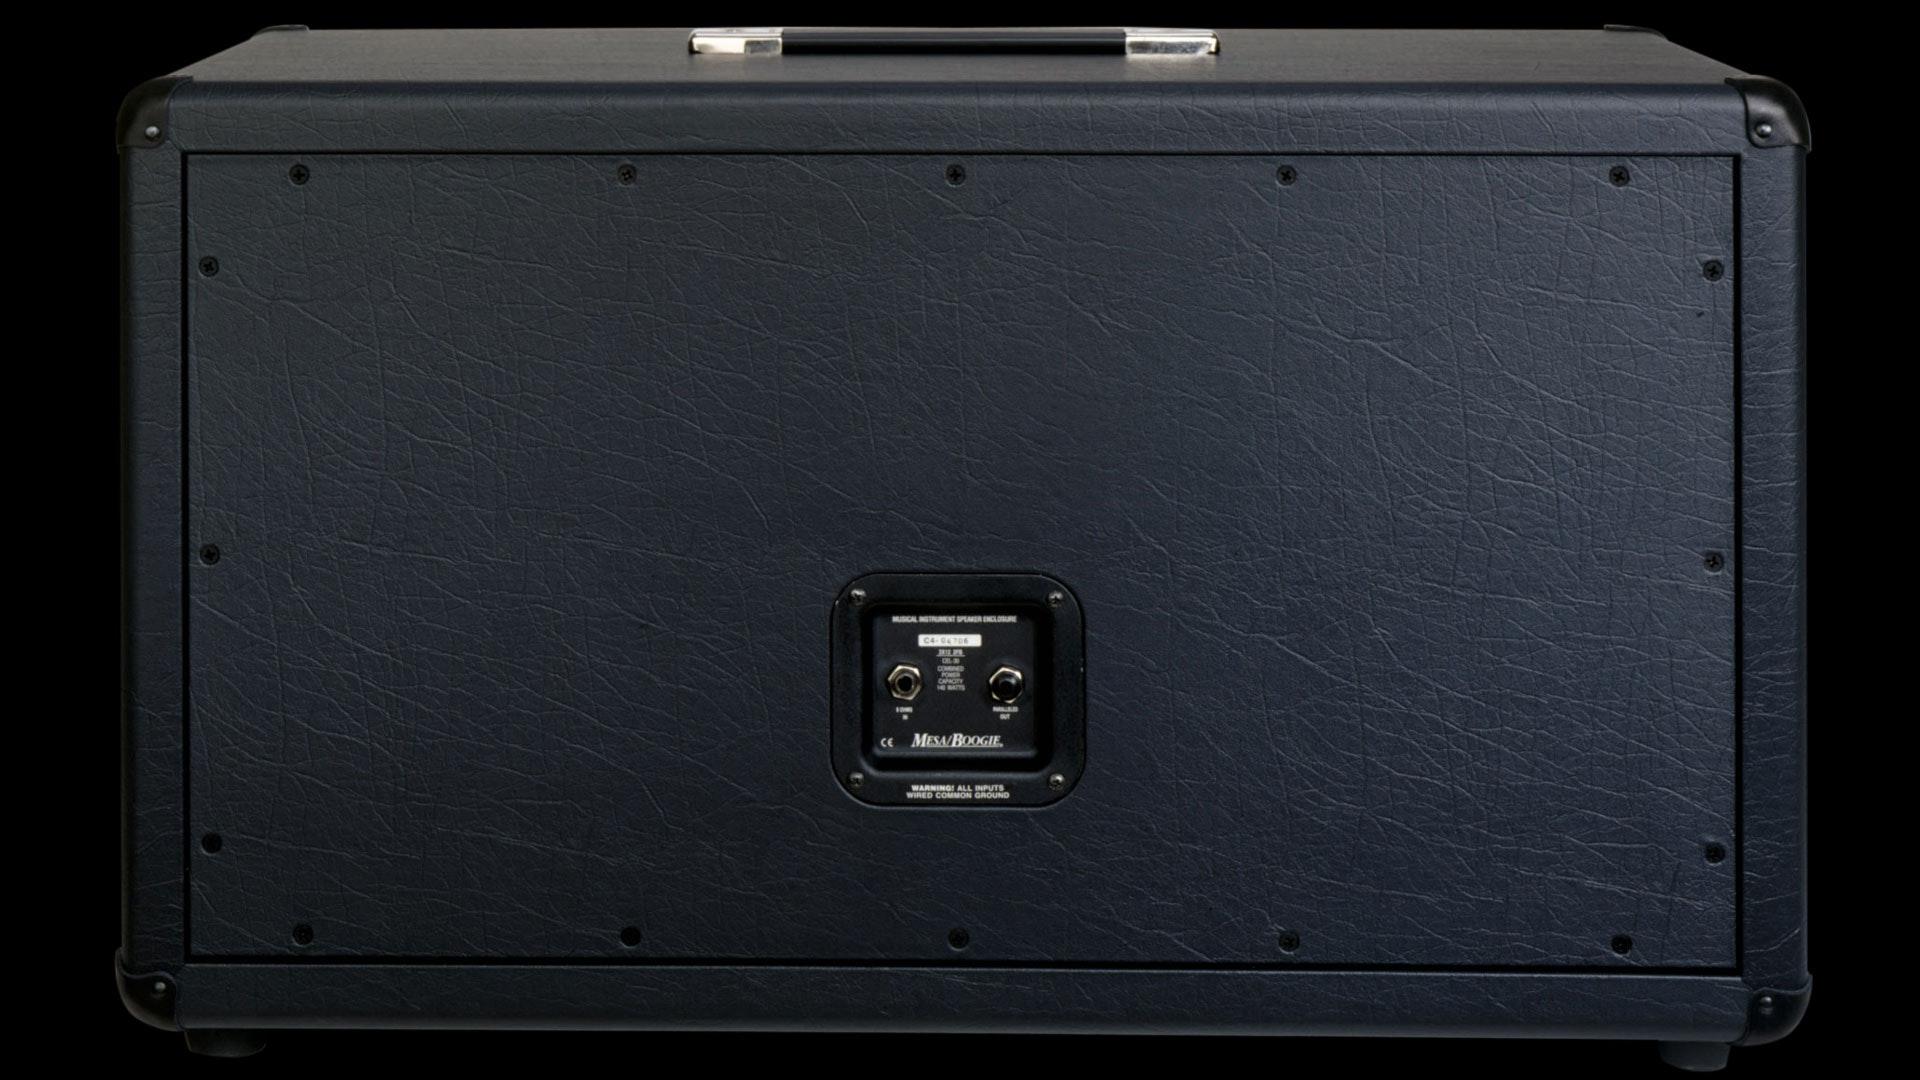 Mesa Boogie 2x12 Wiring Diagram Not Lossing Bass Cabinet Rectifier Horizontal Guitar Amplifier Rh Mesaboogie Com 4x10